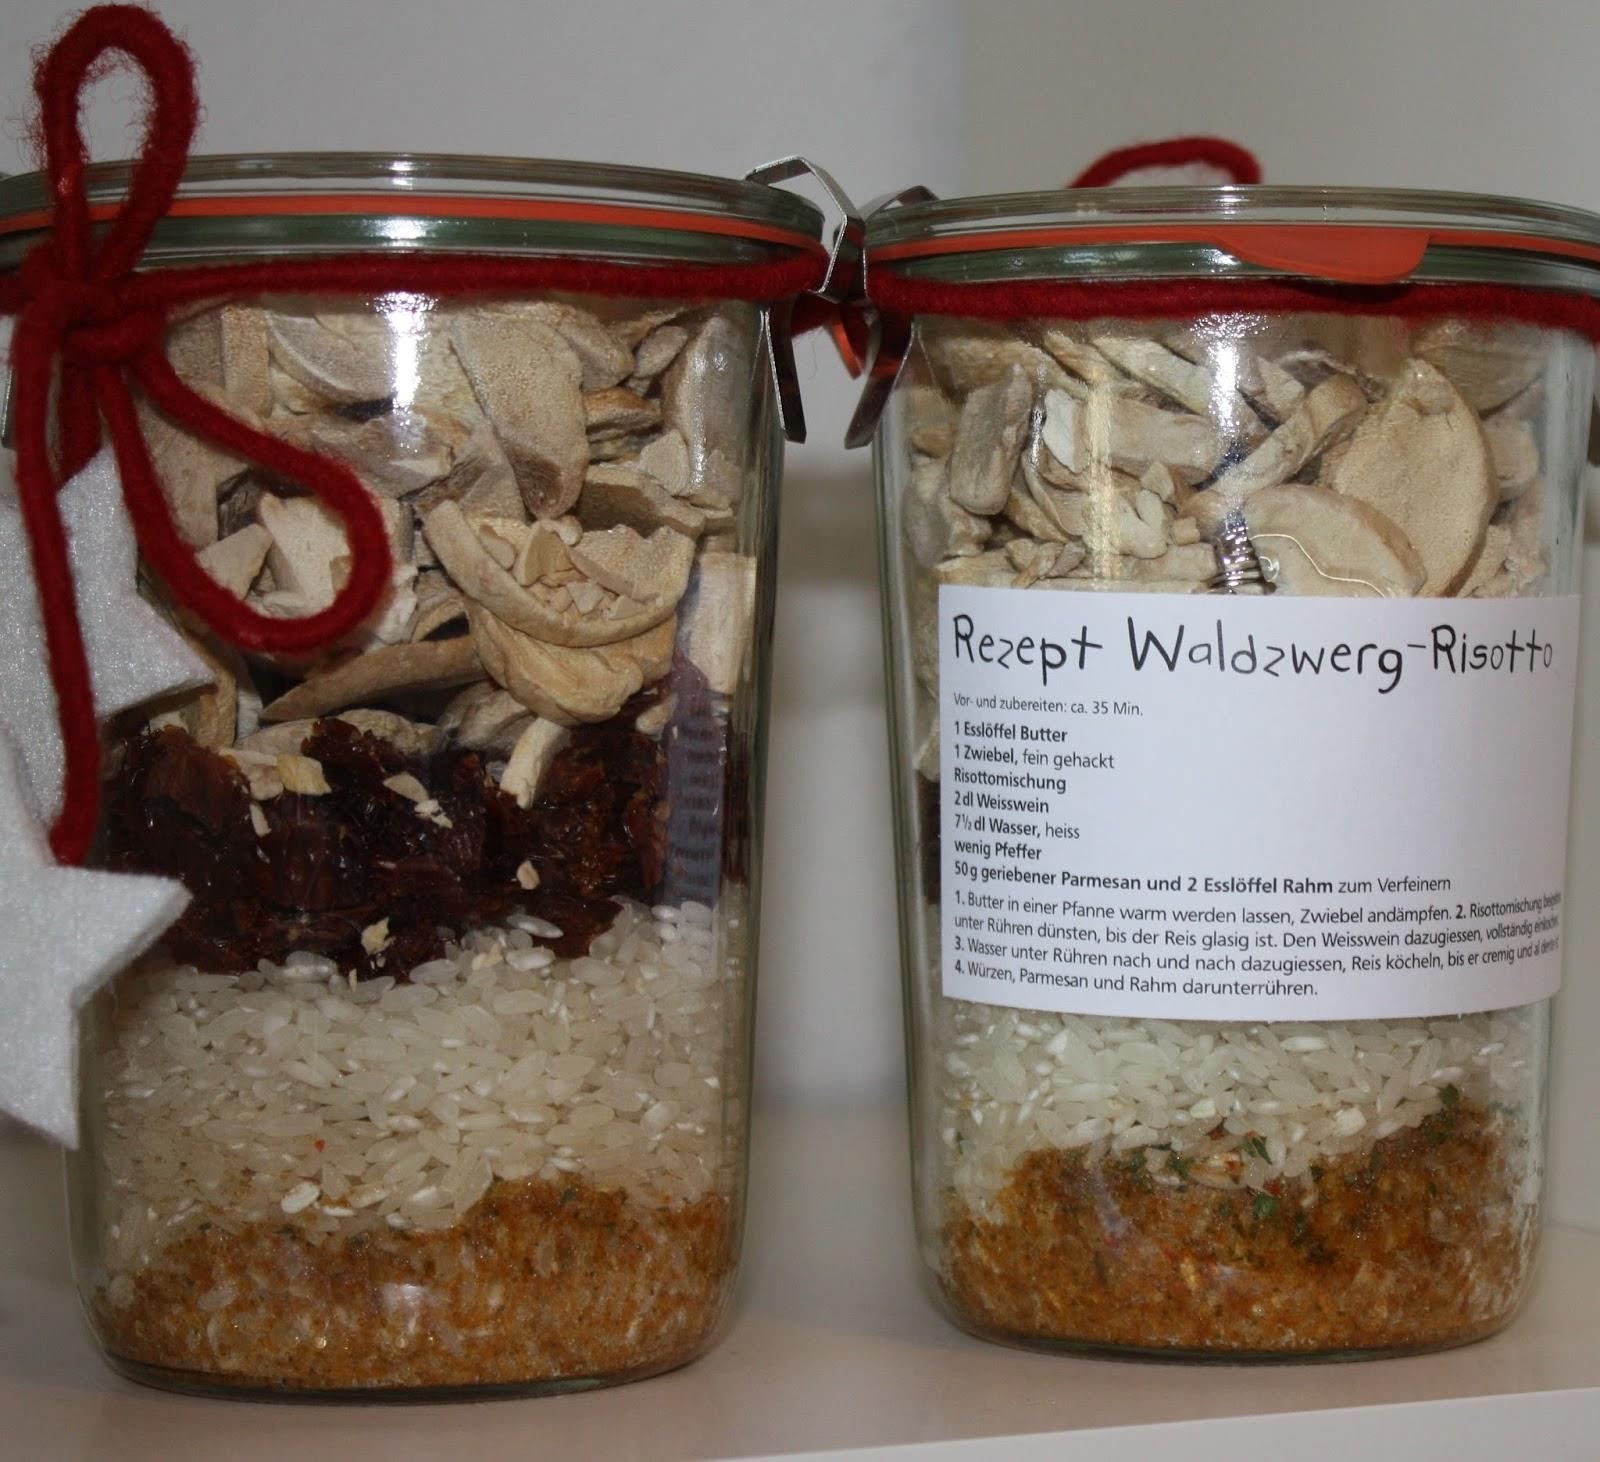 rezepte im glas zum verschenken risotto gesundes essen und rezepte foto blog. Black Bedroom Furniture Sets. Home Design Ideas